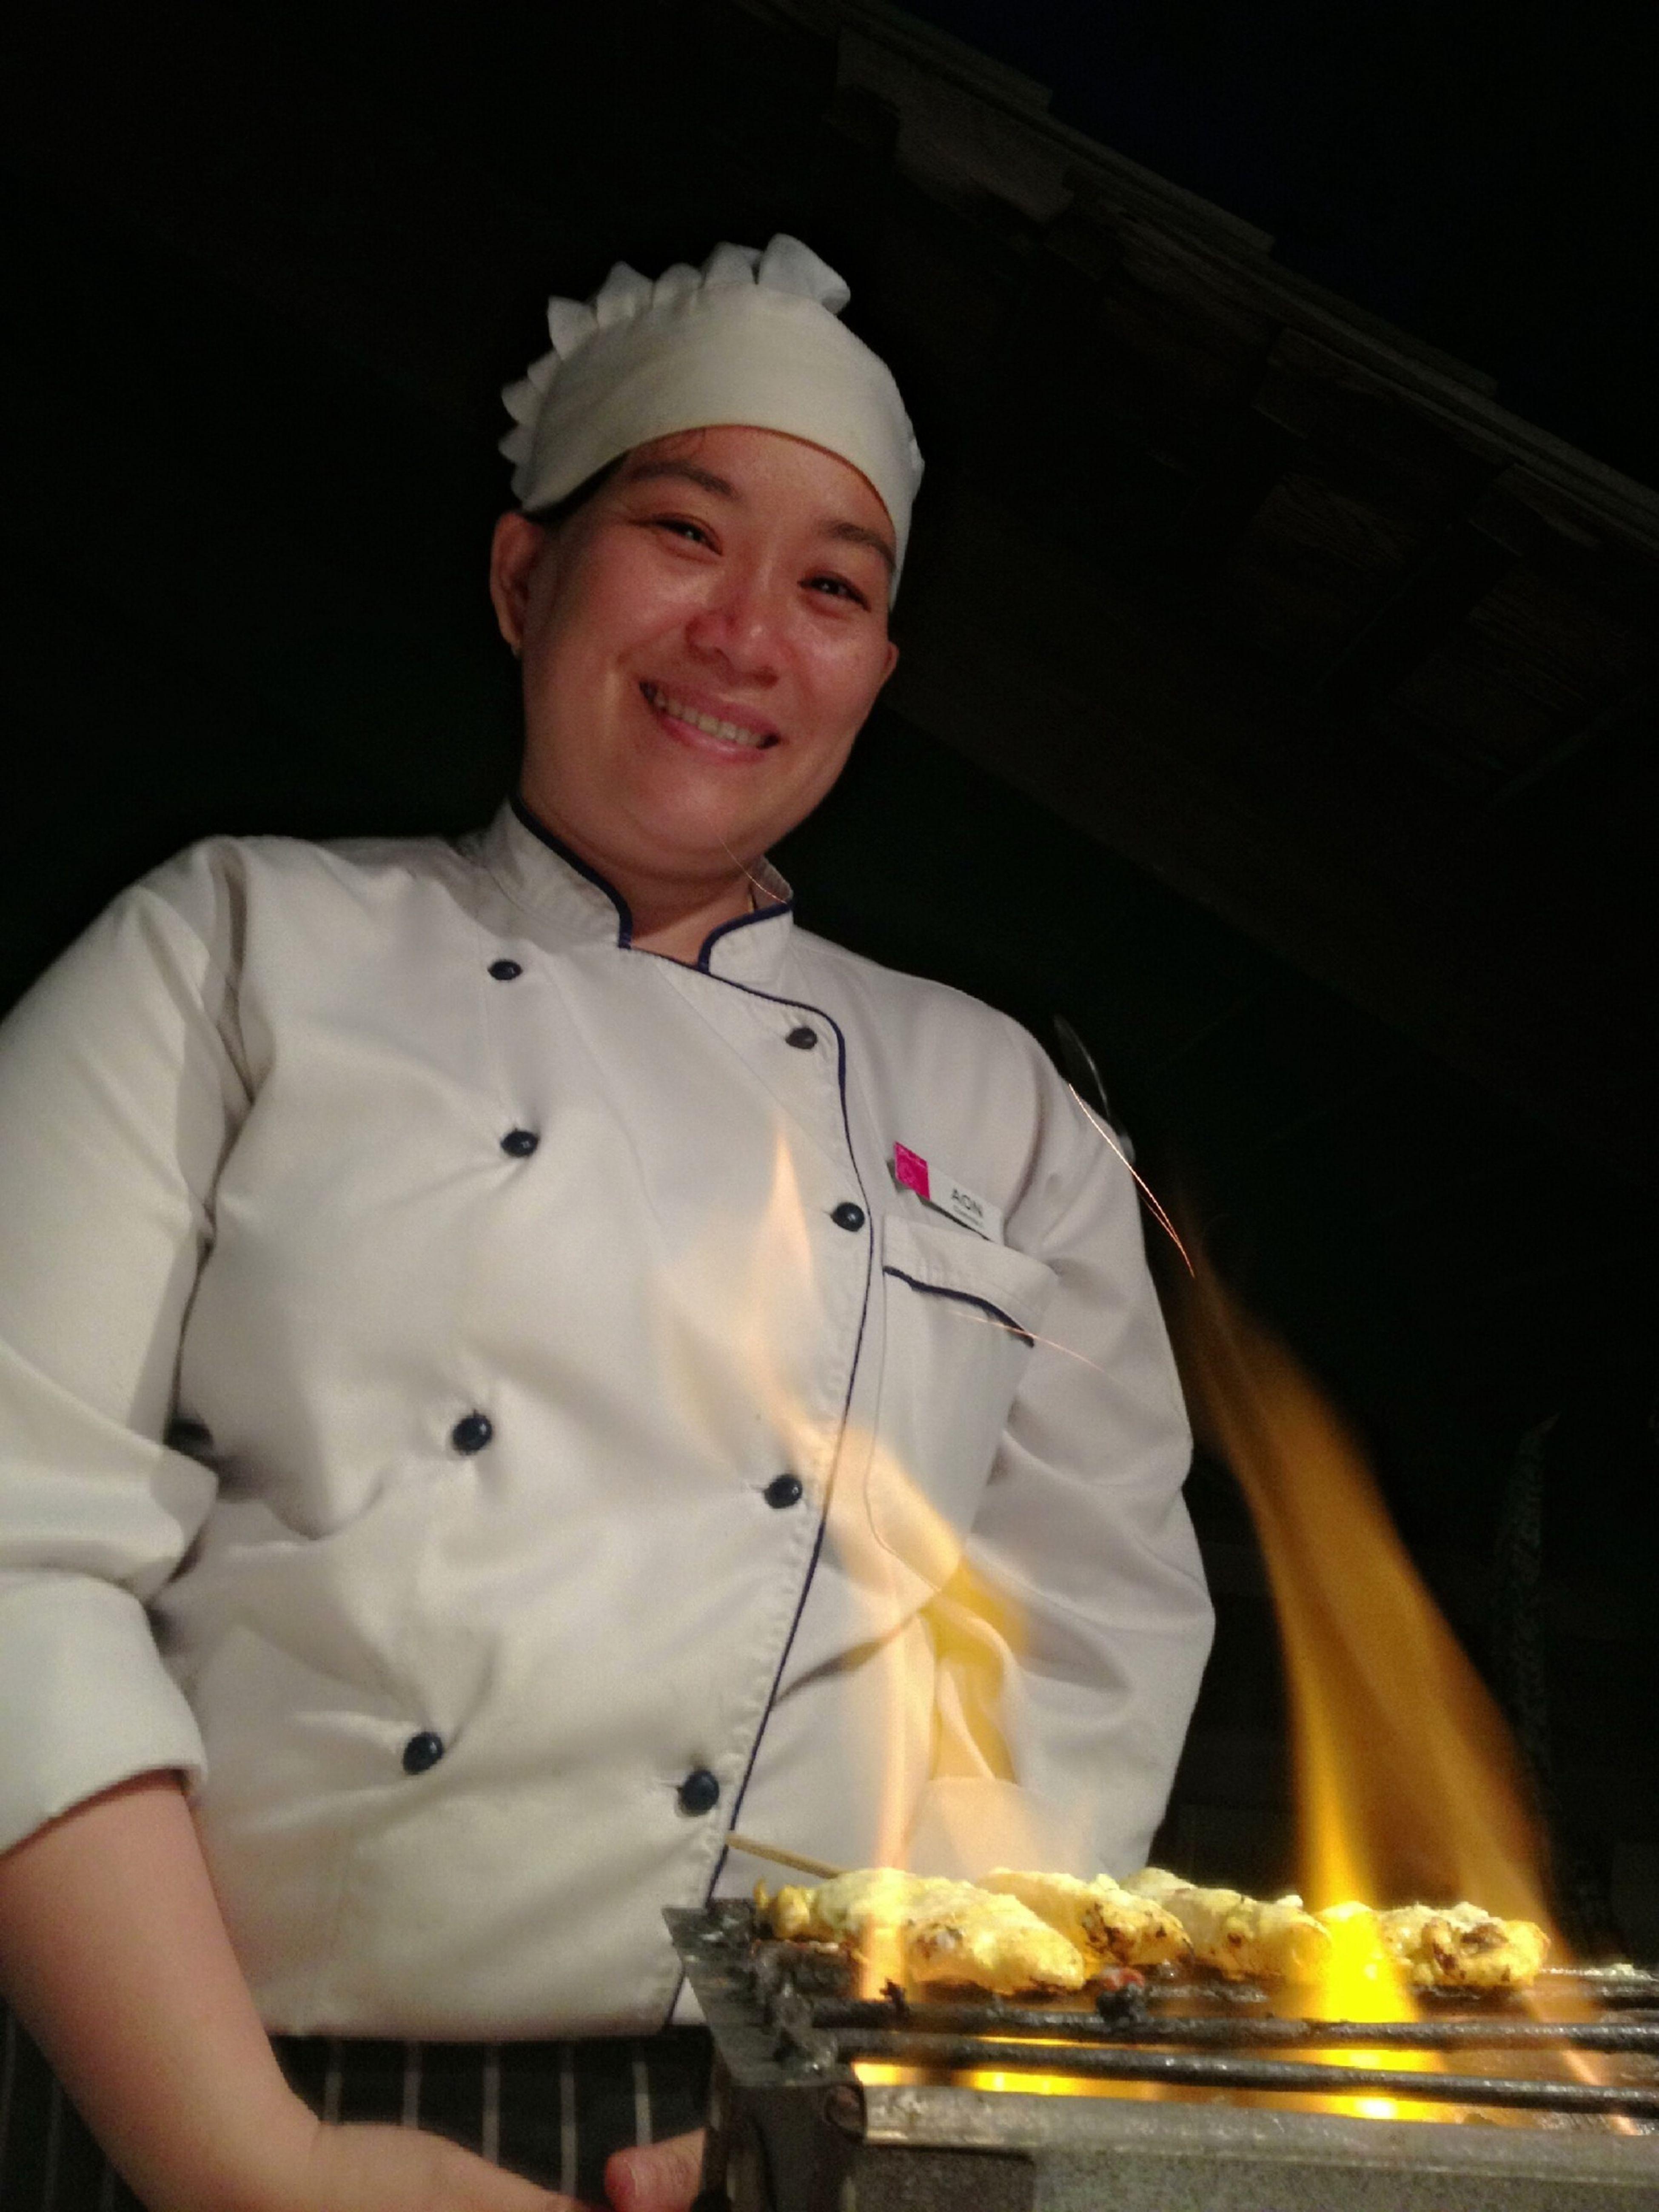 Big Smile on Fire Food